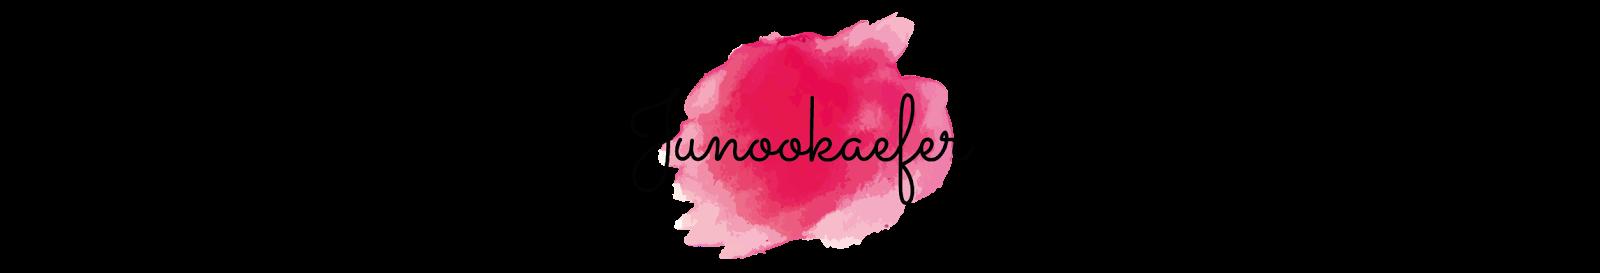 Junookaefer